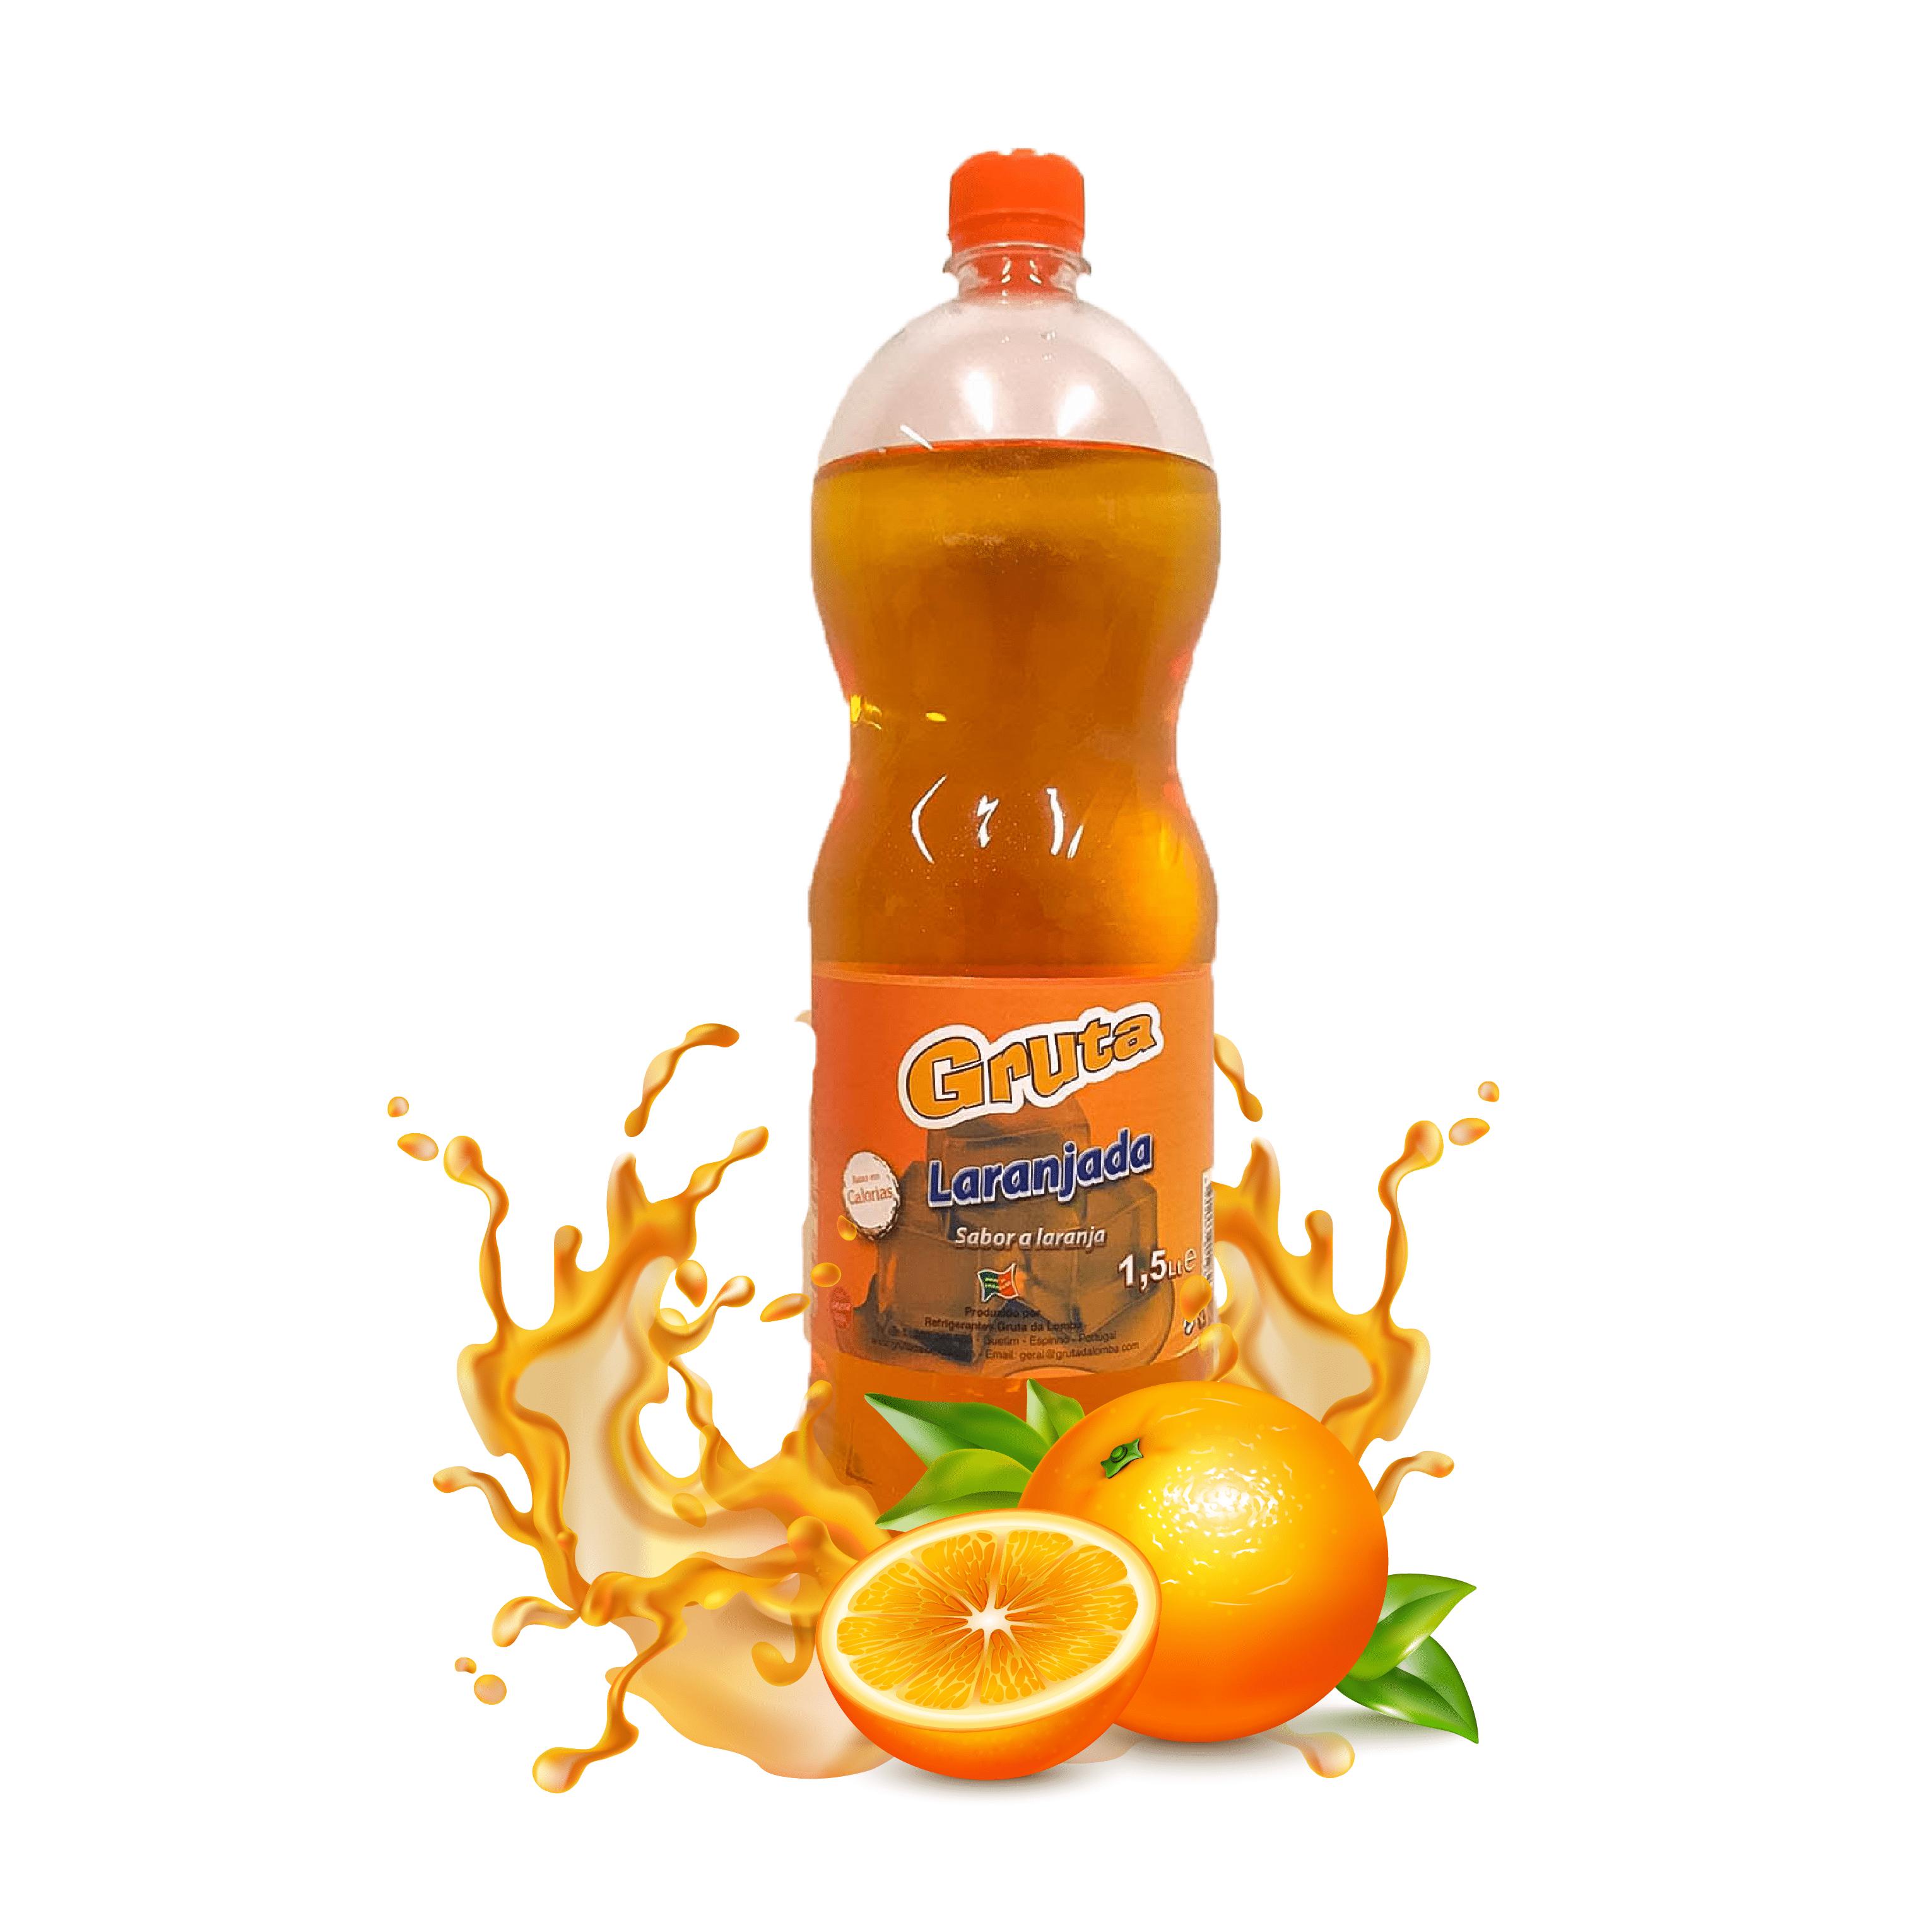 laranjada gruta da lomba